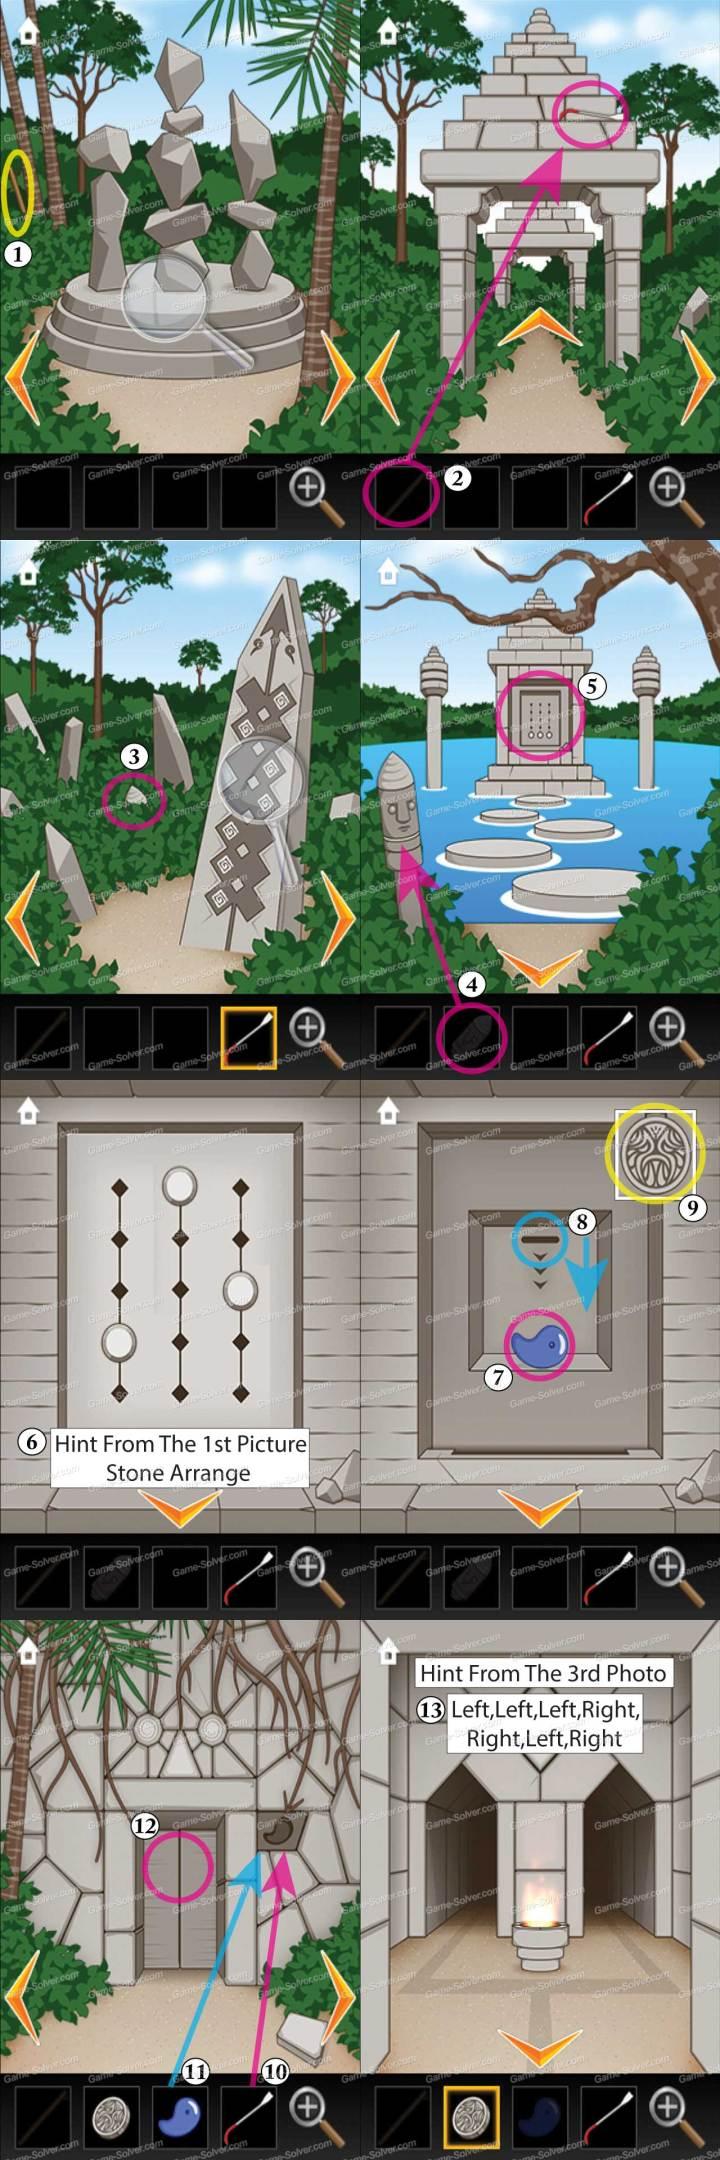 Ruins Escape Game Level 1